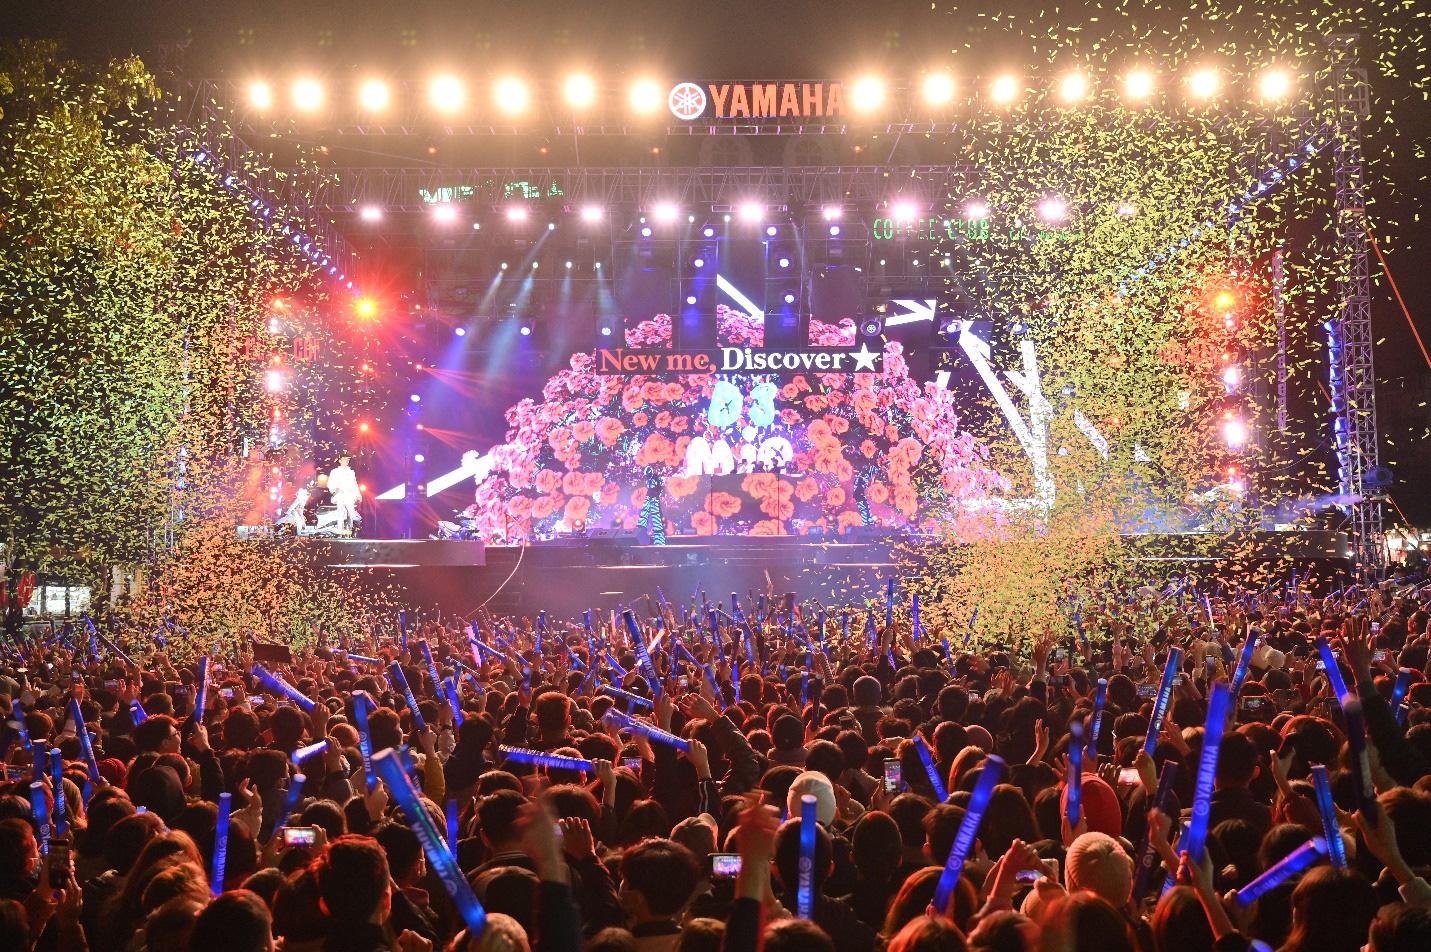 Yamaha Motor tiên phong tạo ra triển lãm motor show theo phong cách riêng chưa từng có tại Việt Nam - Ảnh 12.